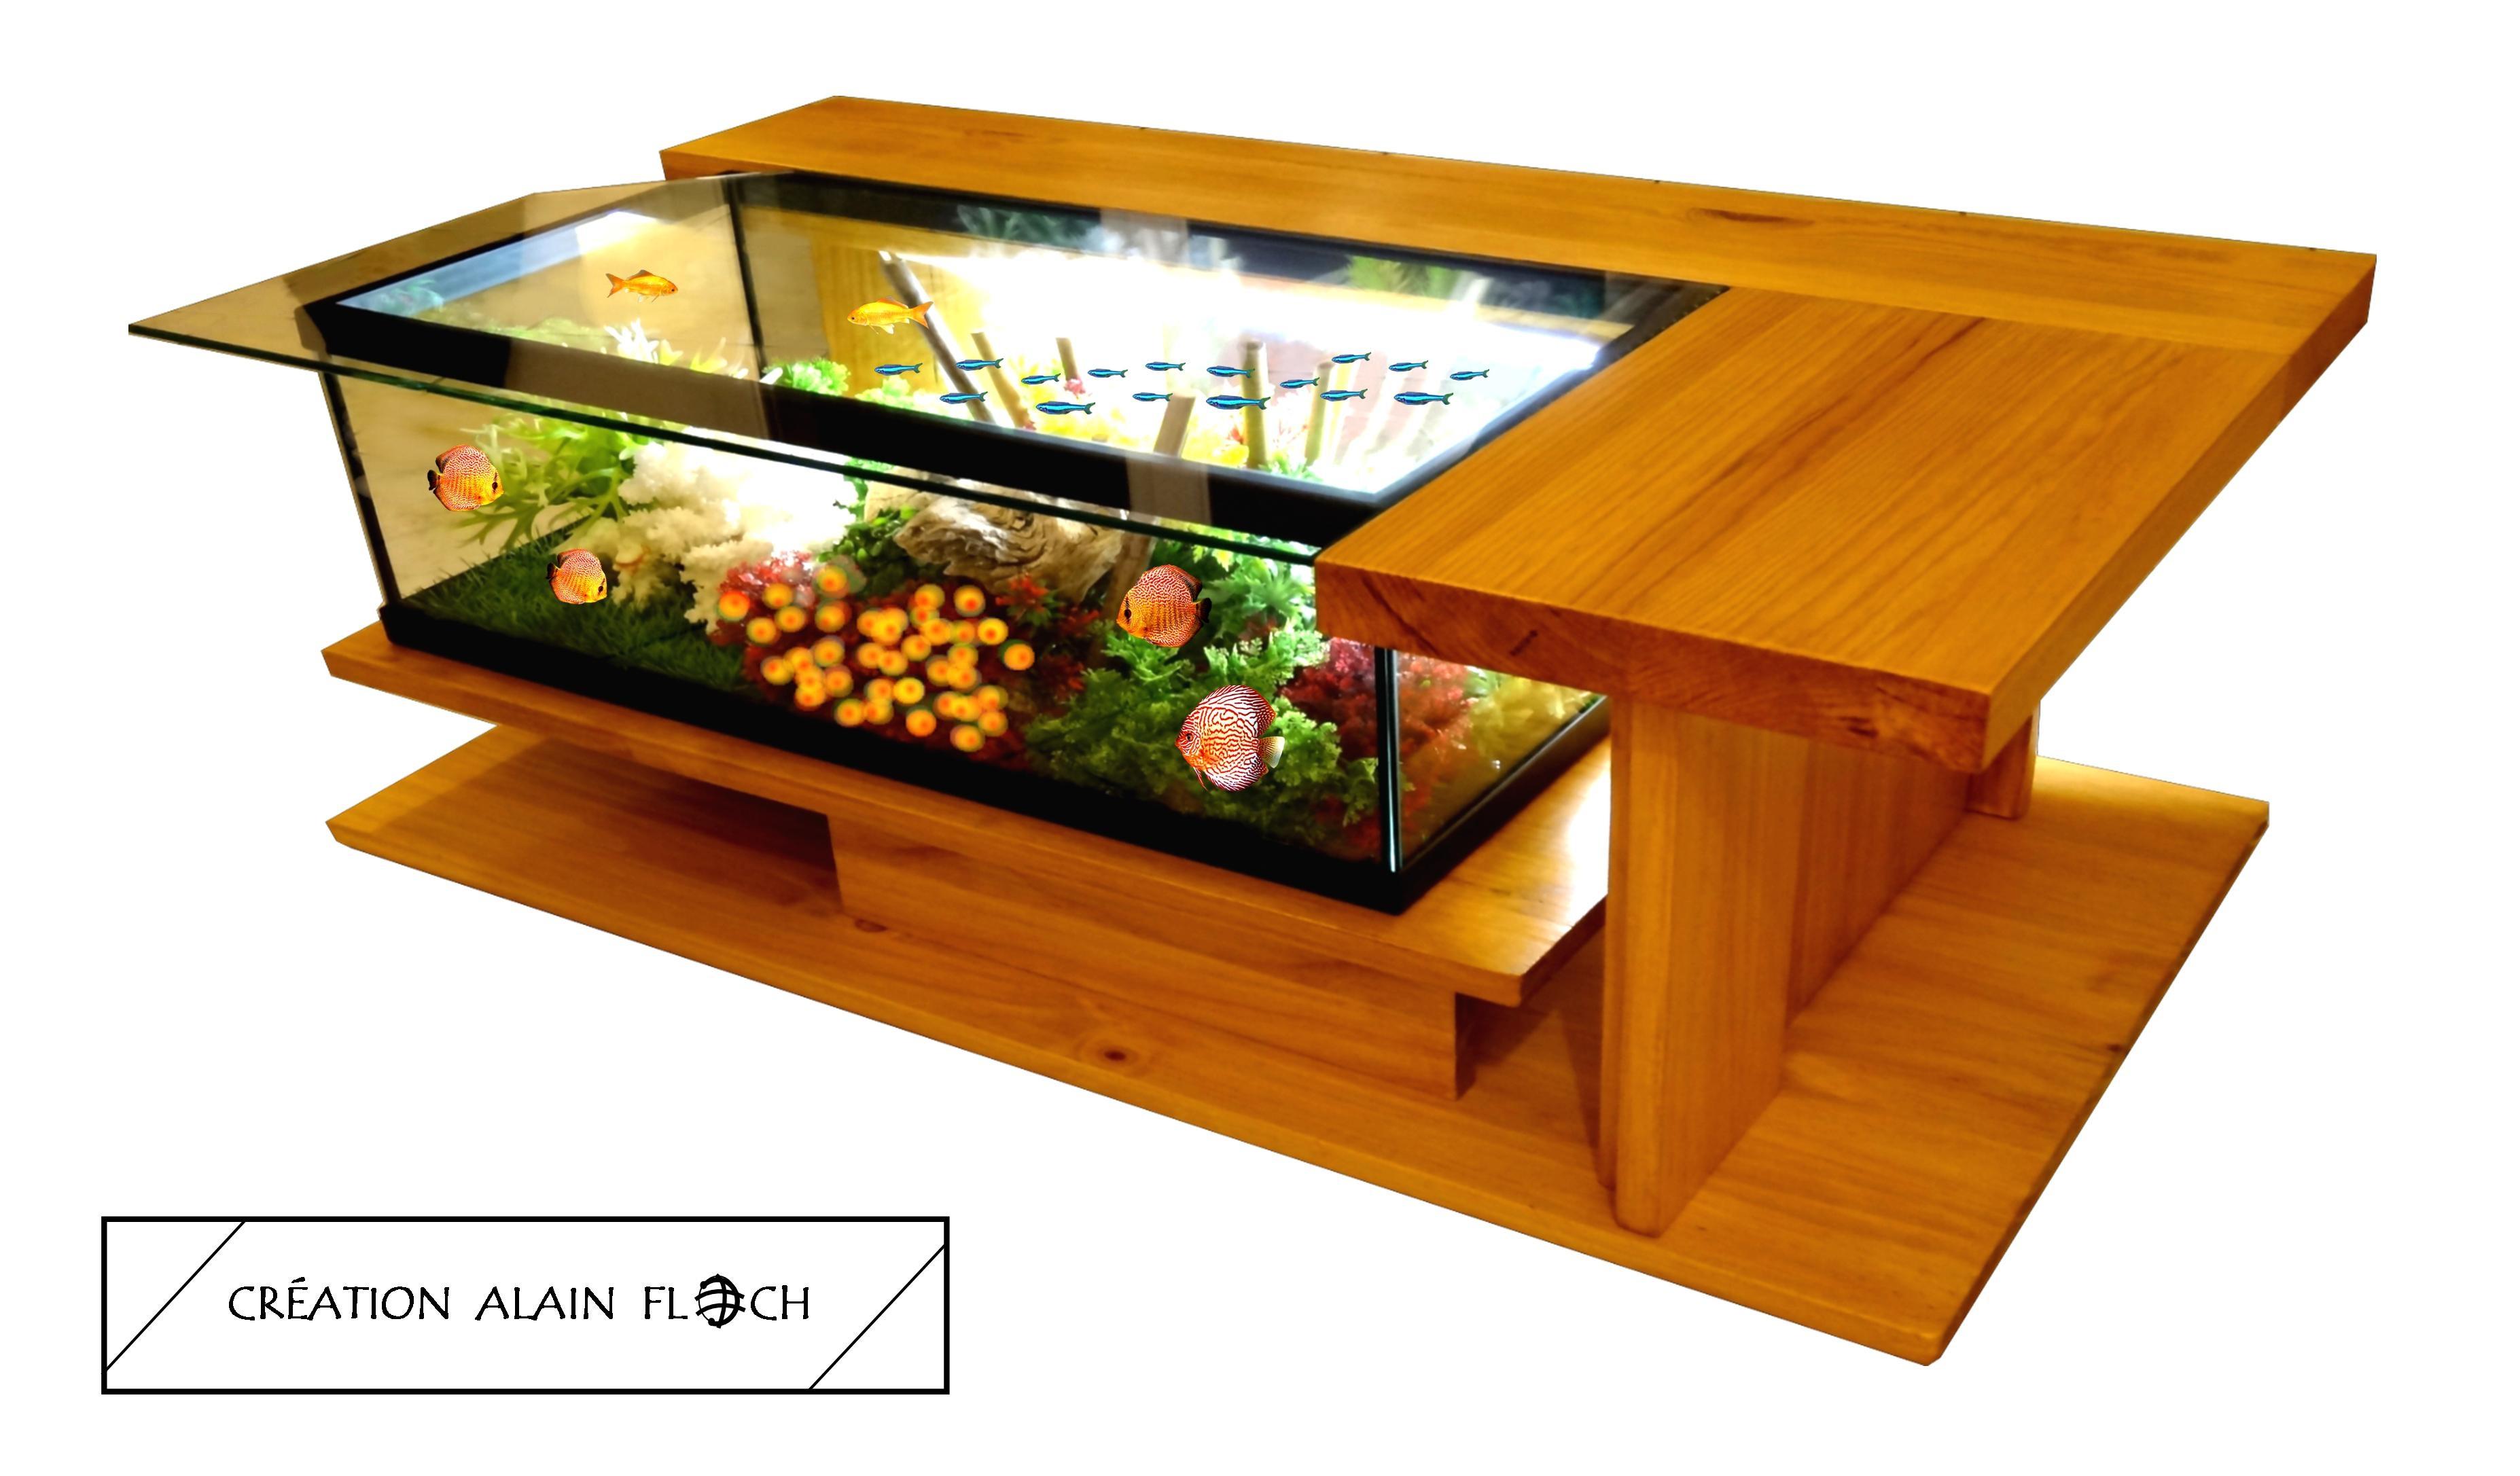 Basse Terrarium PoissonsTortues Aquarium Terrarium ConseilsTable Terrarium Aquarium ConseilsTable Basse Basse Aquarium PoissonsTortues ConseilsTable 435jqRAL